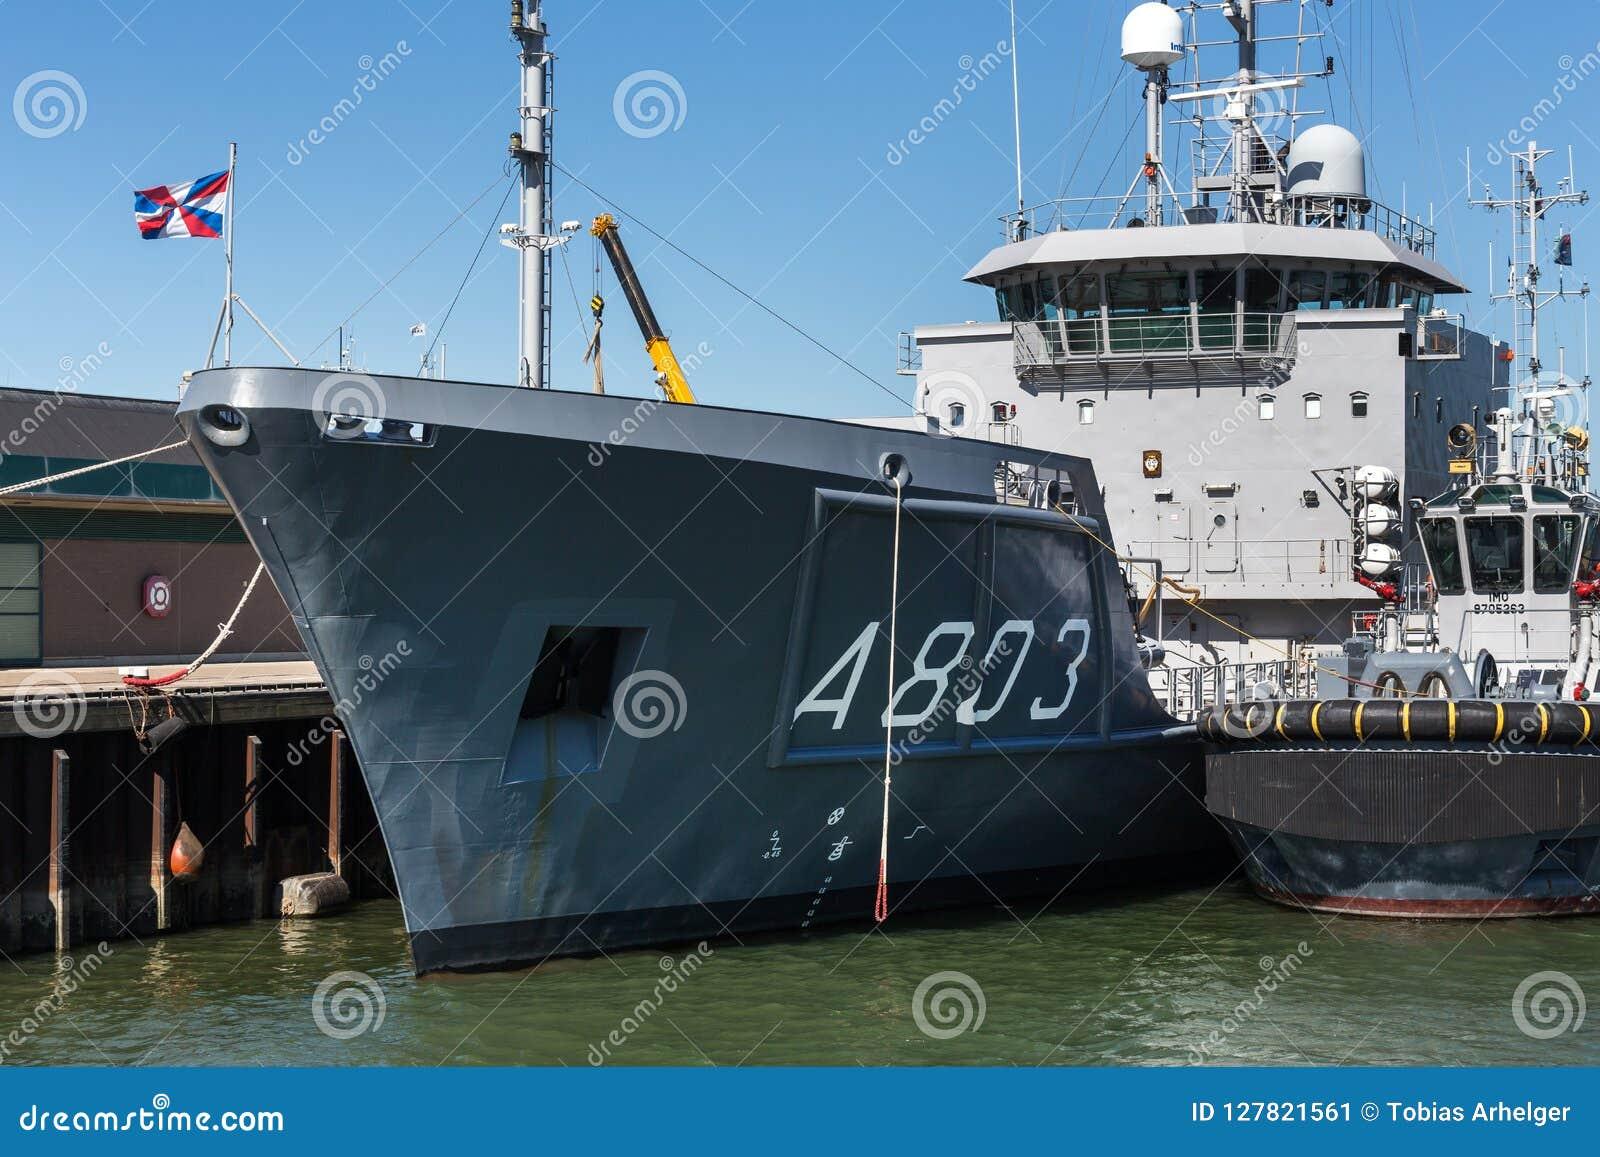 La Haya, La Haya/Países Bajos - 01 07 18: luymes del ms de la hora de la nave que examina en el puerto de La Haya Países Bajos